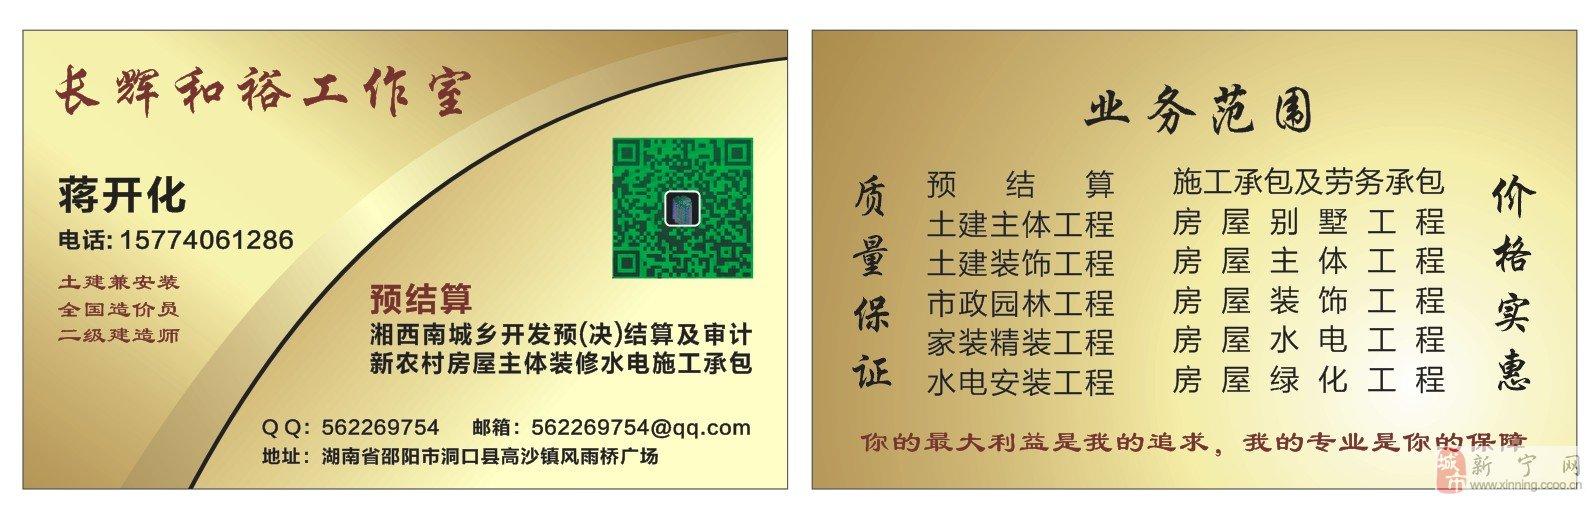 木地板25元/㎡250元/㎡天棚刮腻子10元/㎡(包材包料)照明灯具9屋面盖